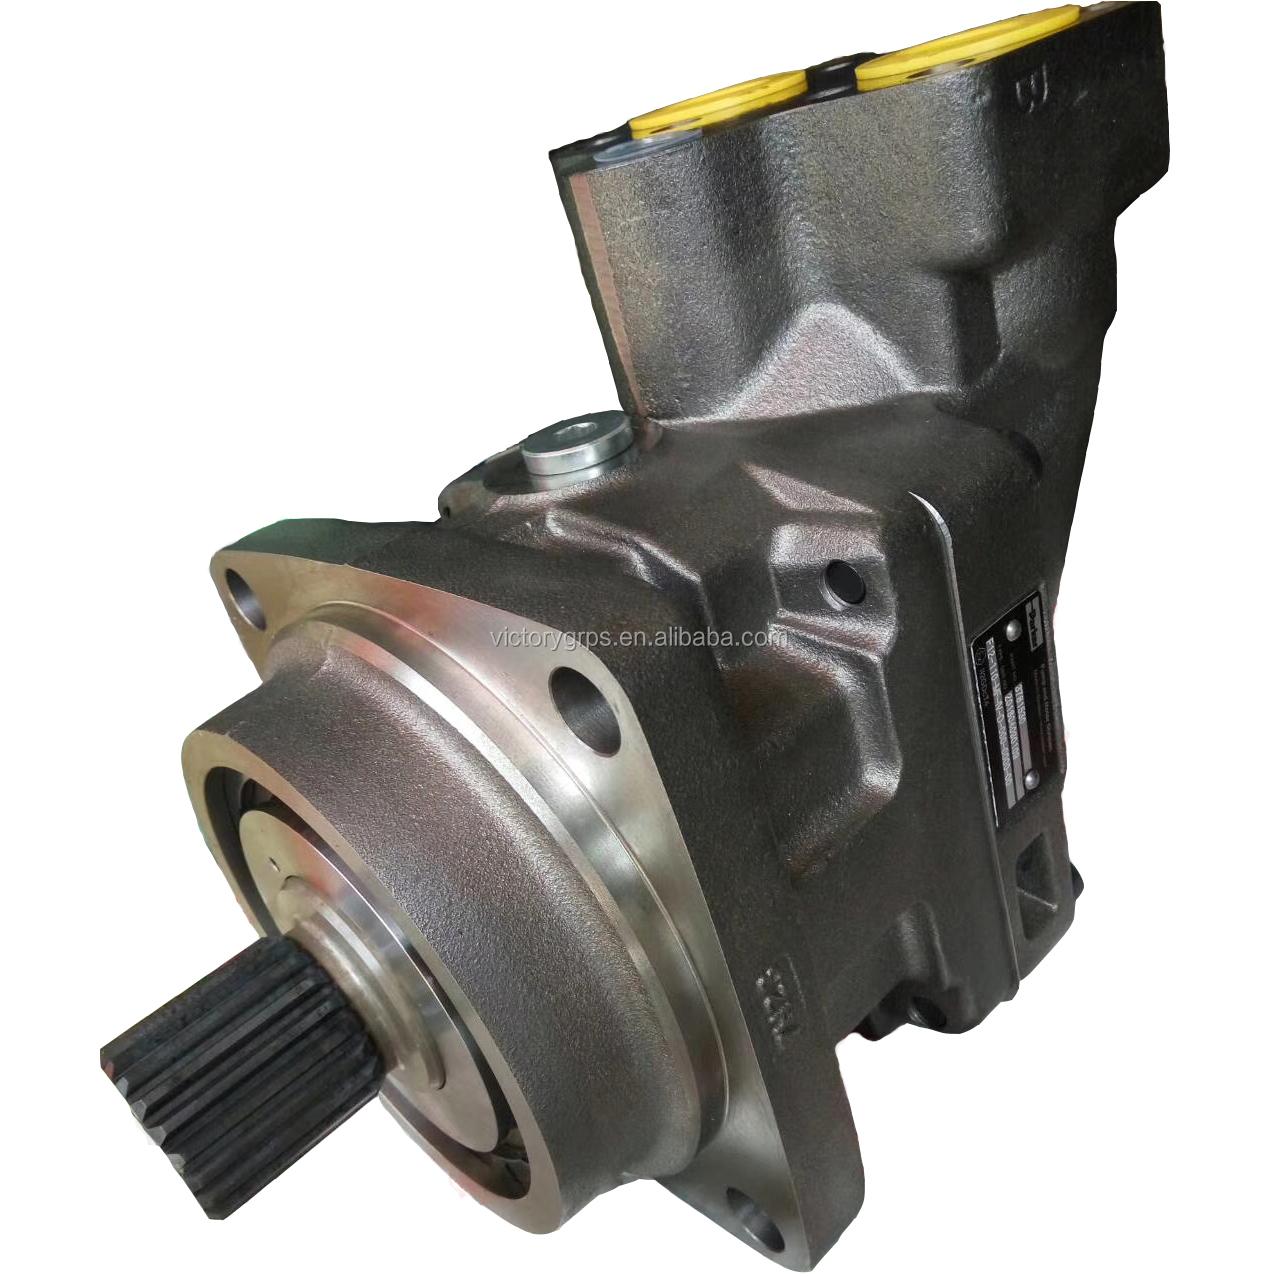 F11-005 F11-006 F11-010 F11-012 F11-014 F11-019 F11-150 F11-250 Pump Hydraulic Parker Motor